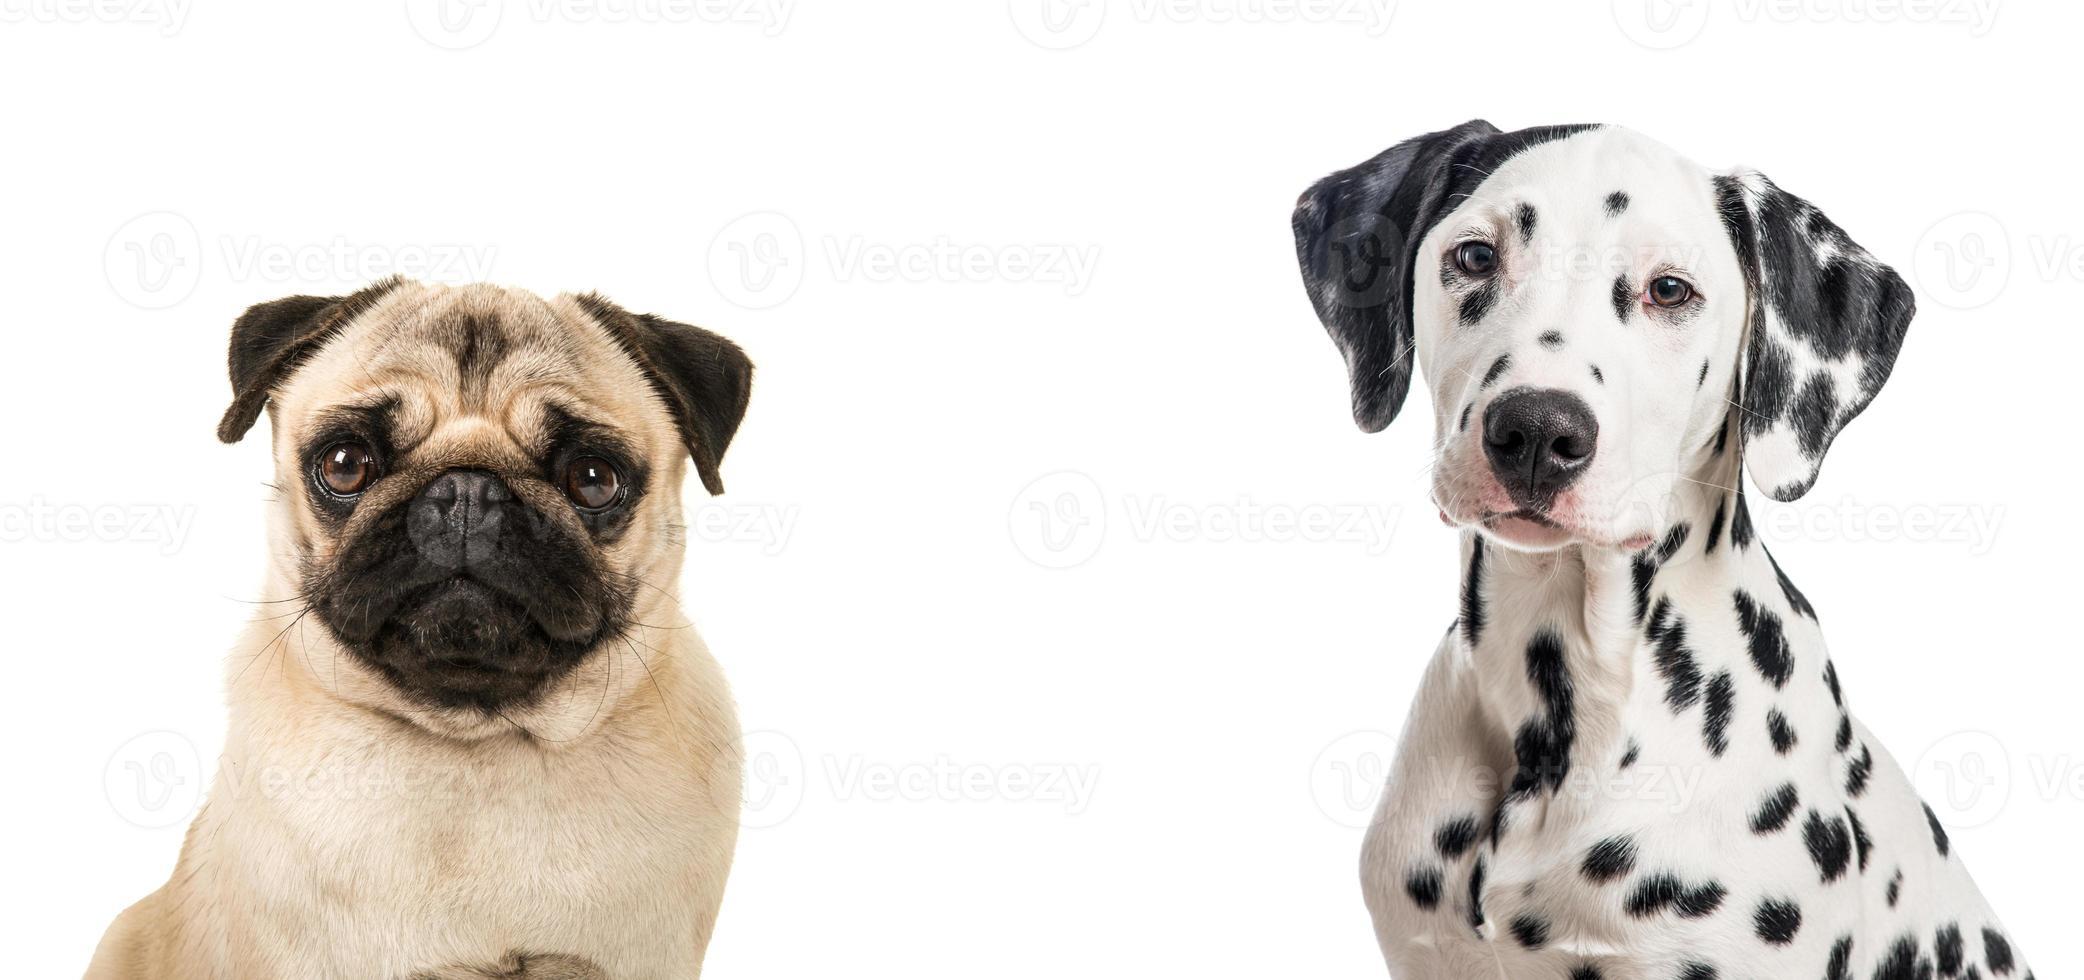 duo ritratto di dalmazione e un cane carlino foto